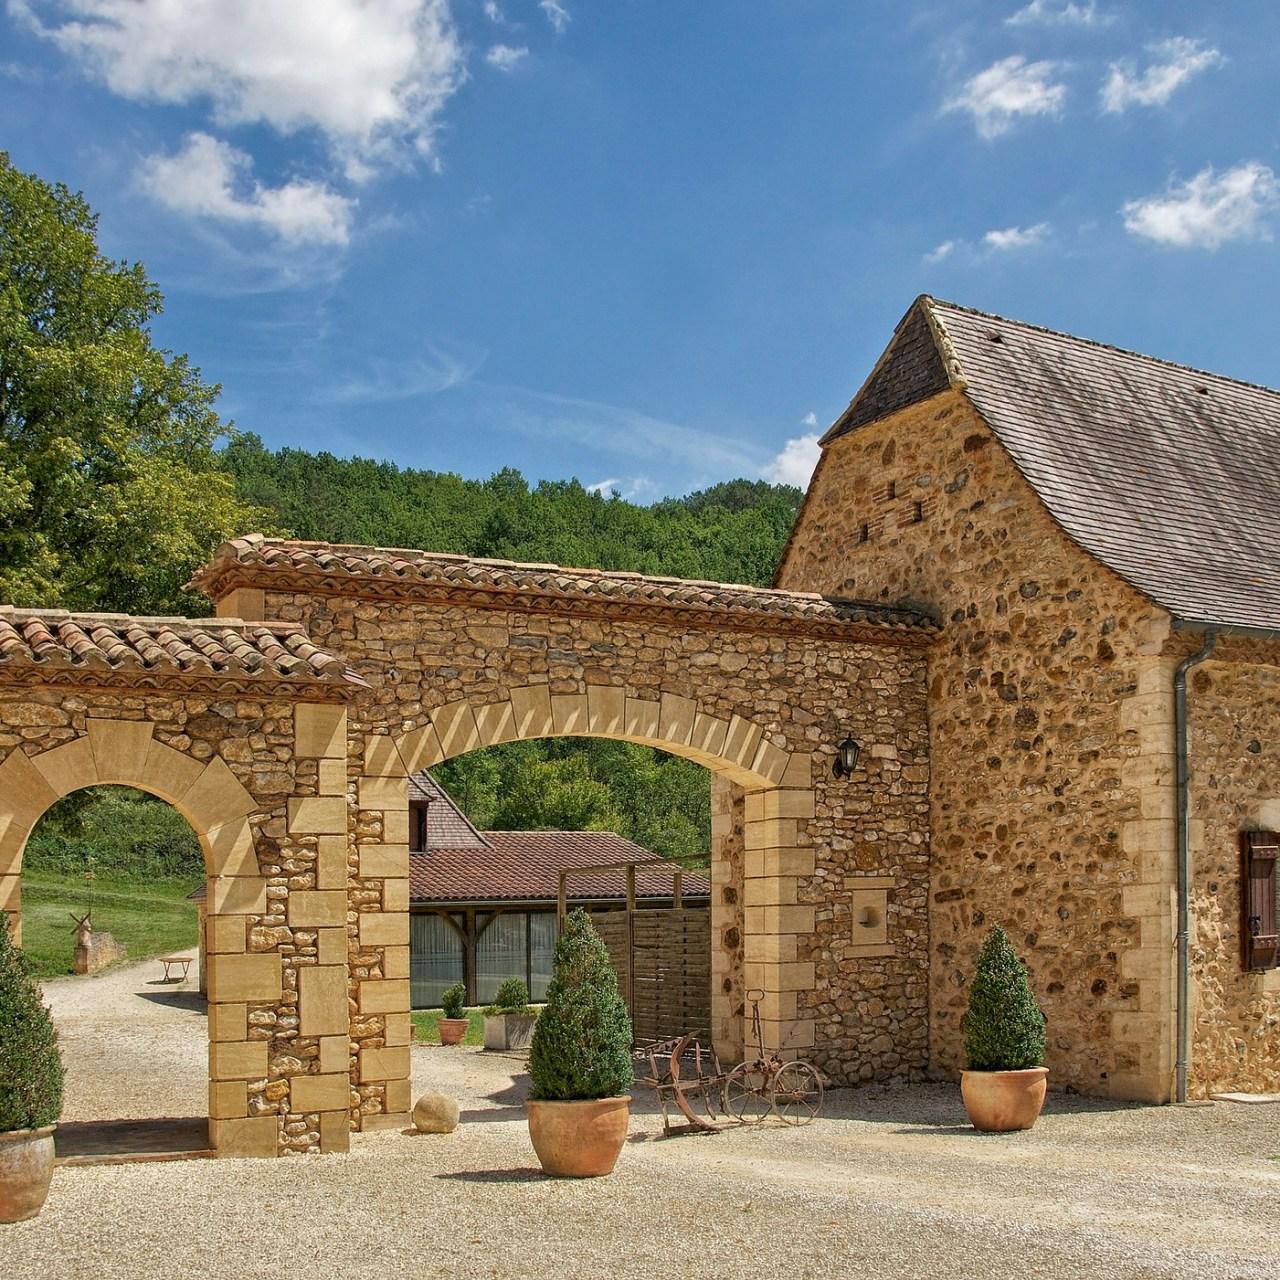 Dordorgne landhuis met een poort Chambres d'Hôtes zoeken